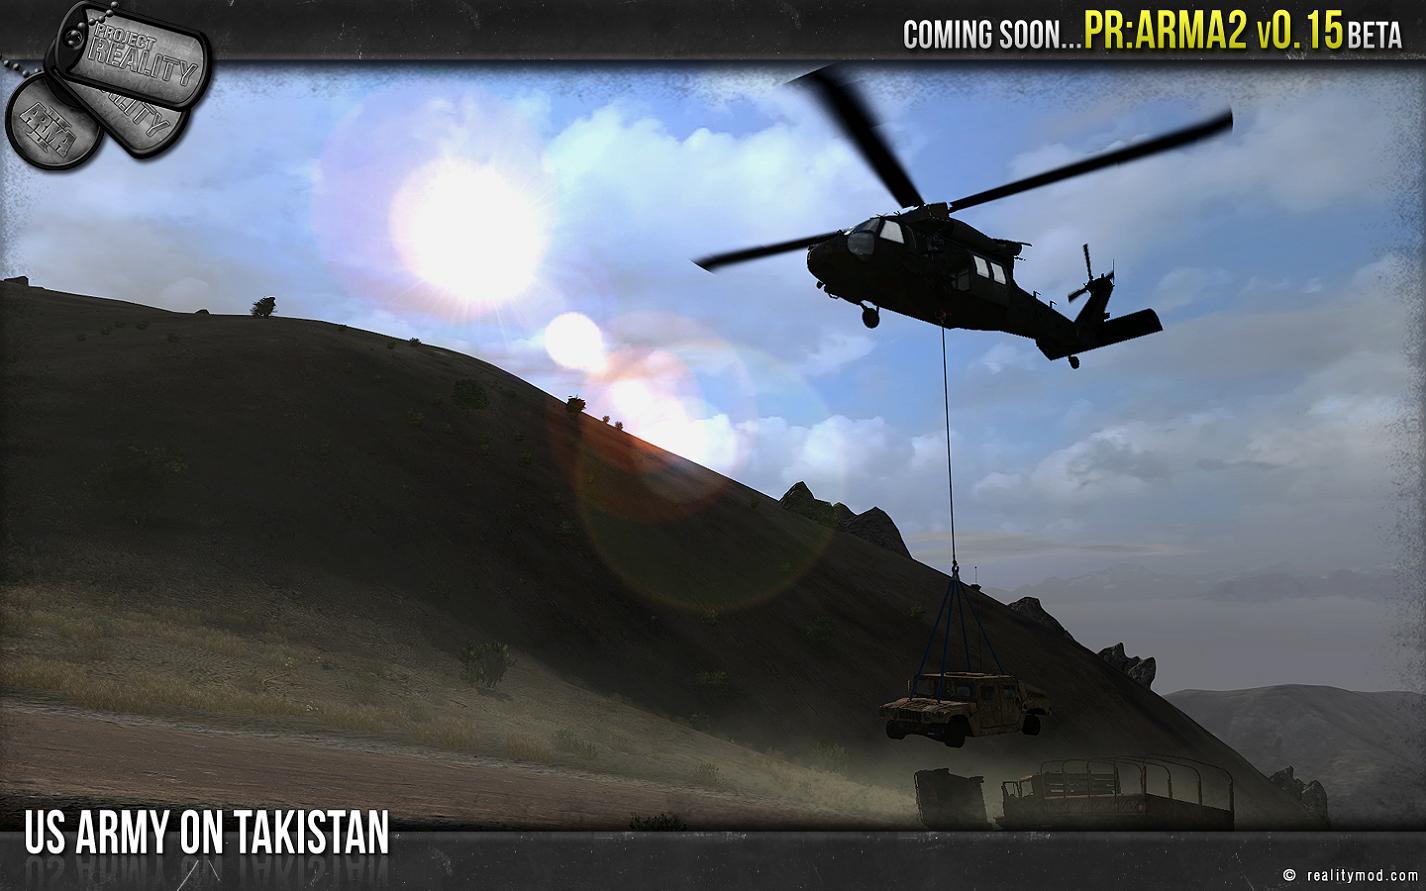 us_army_takistan.jpg